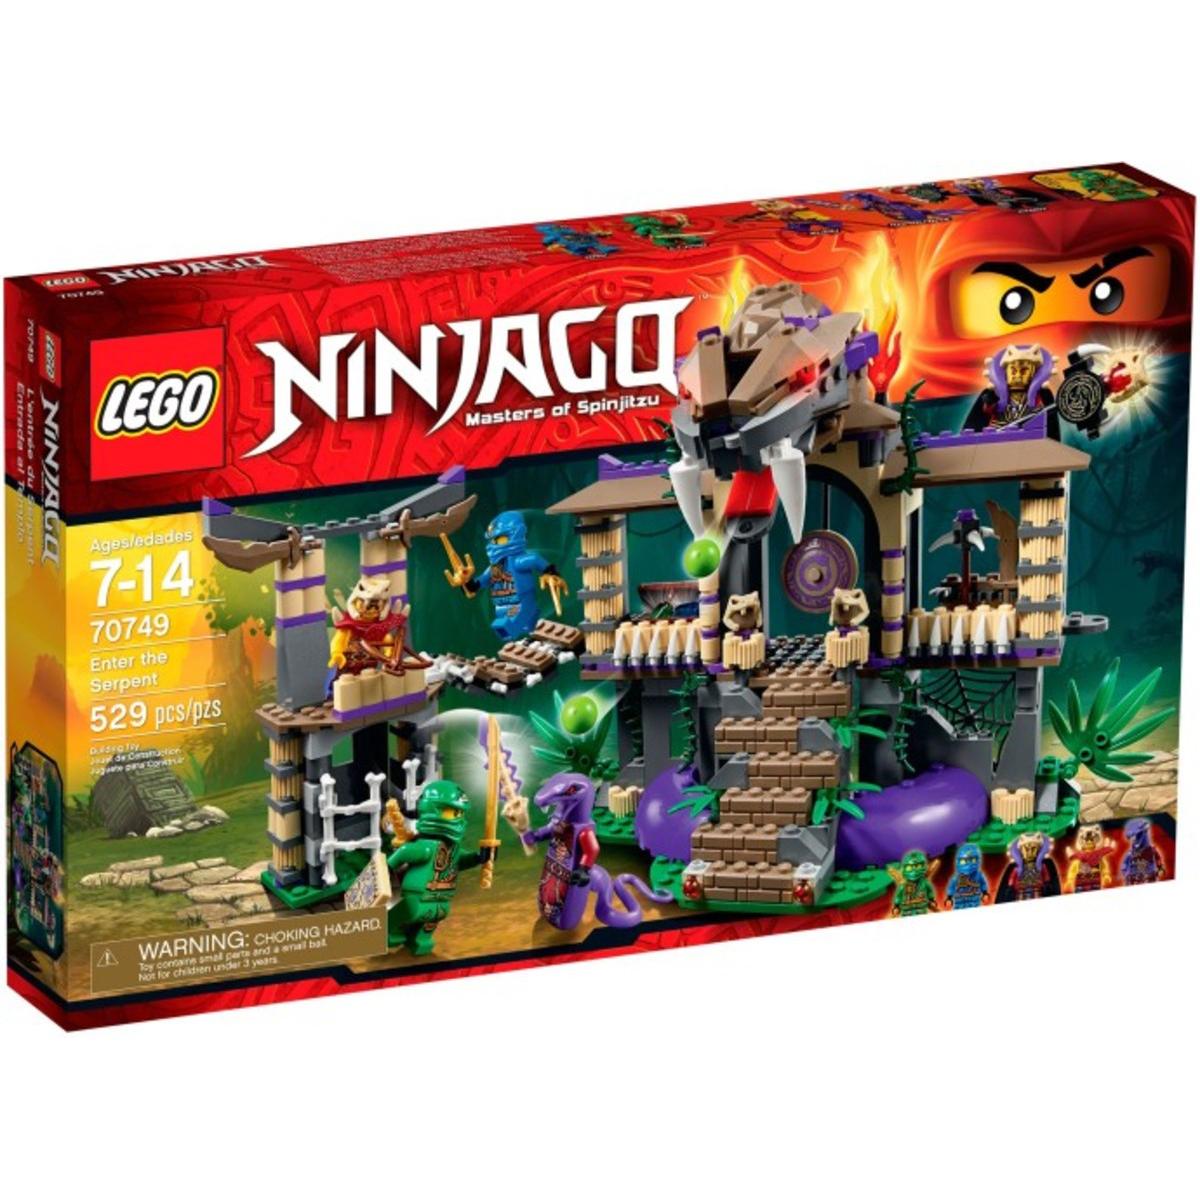 Lego Ninjago 70749 – Xam nhap hang ran